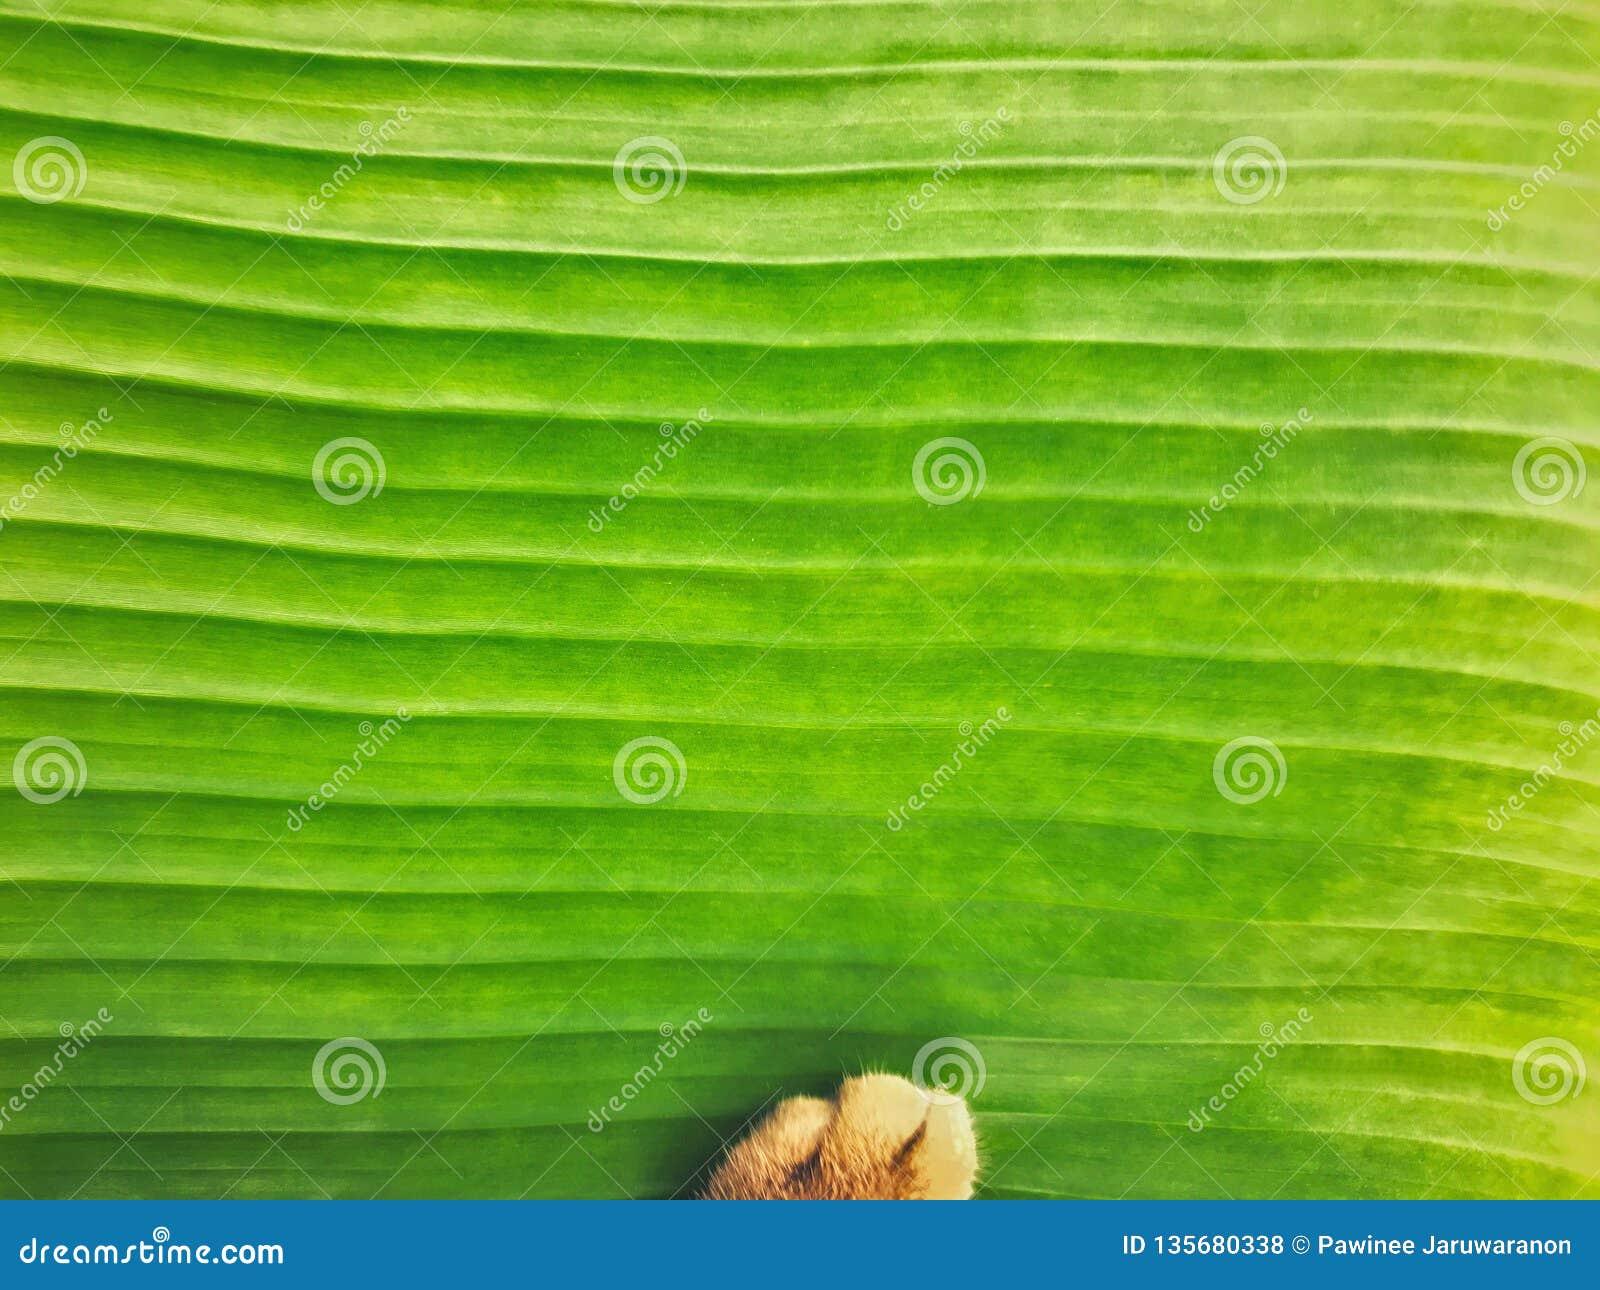 Verse lichtgroene de textuur dichte omhooggaande achtergrond van het banaanblad met de zachte nadruk van de kattenpoot